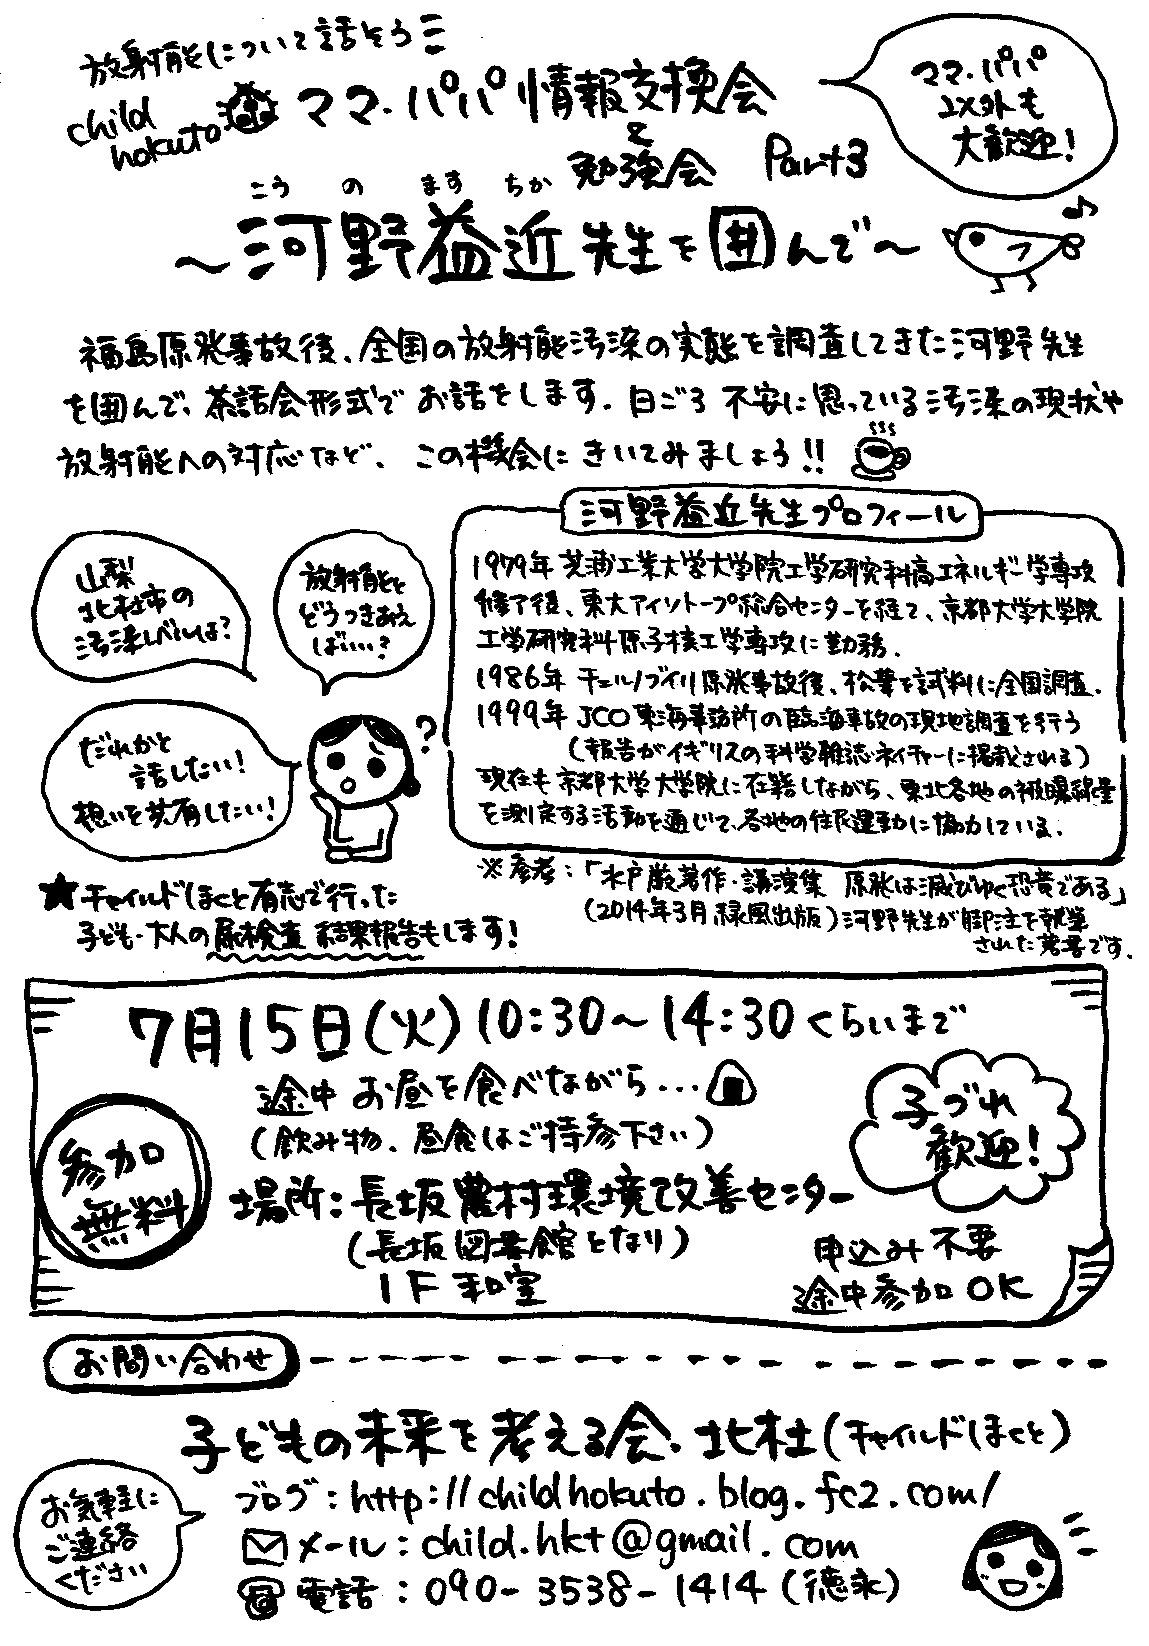 20140715情報交換会